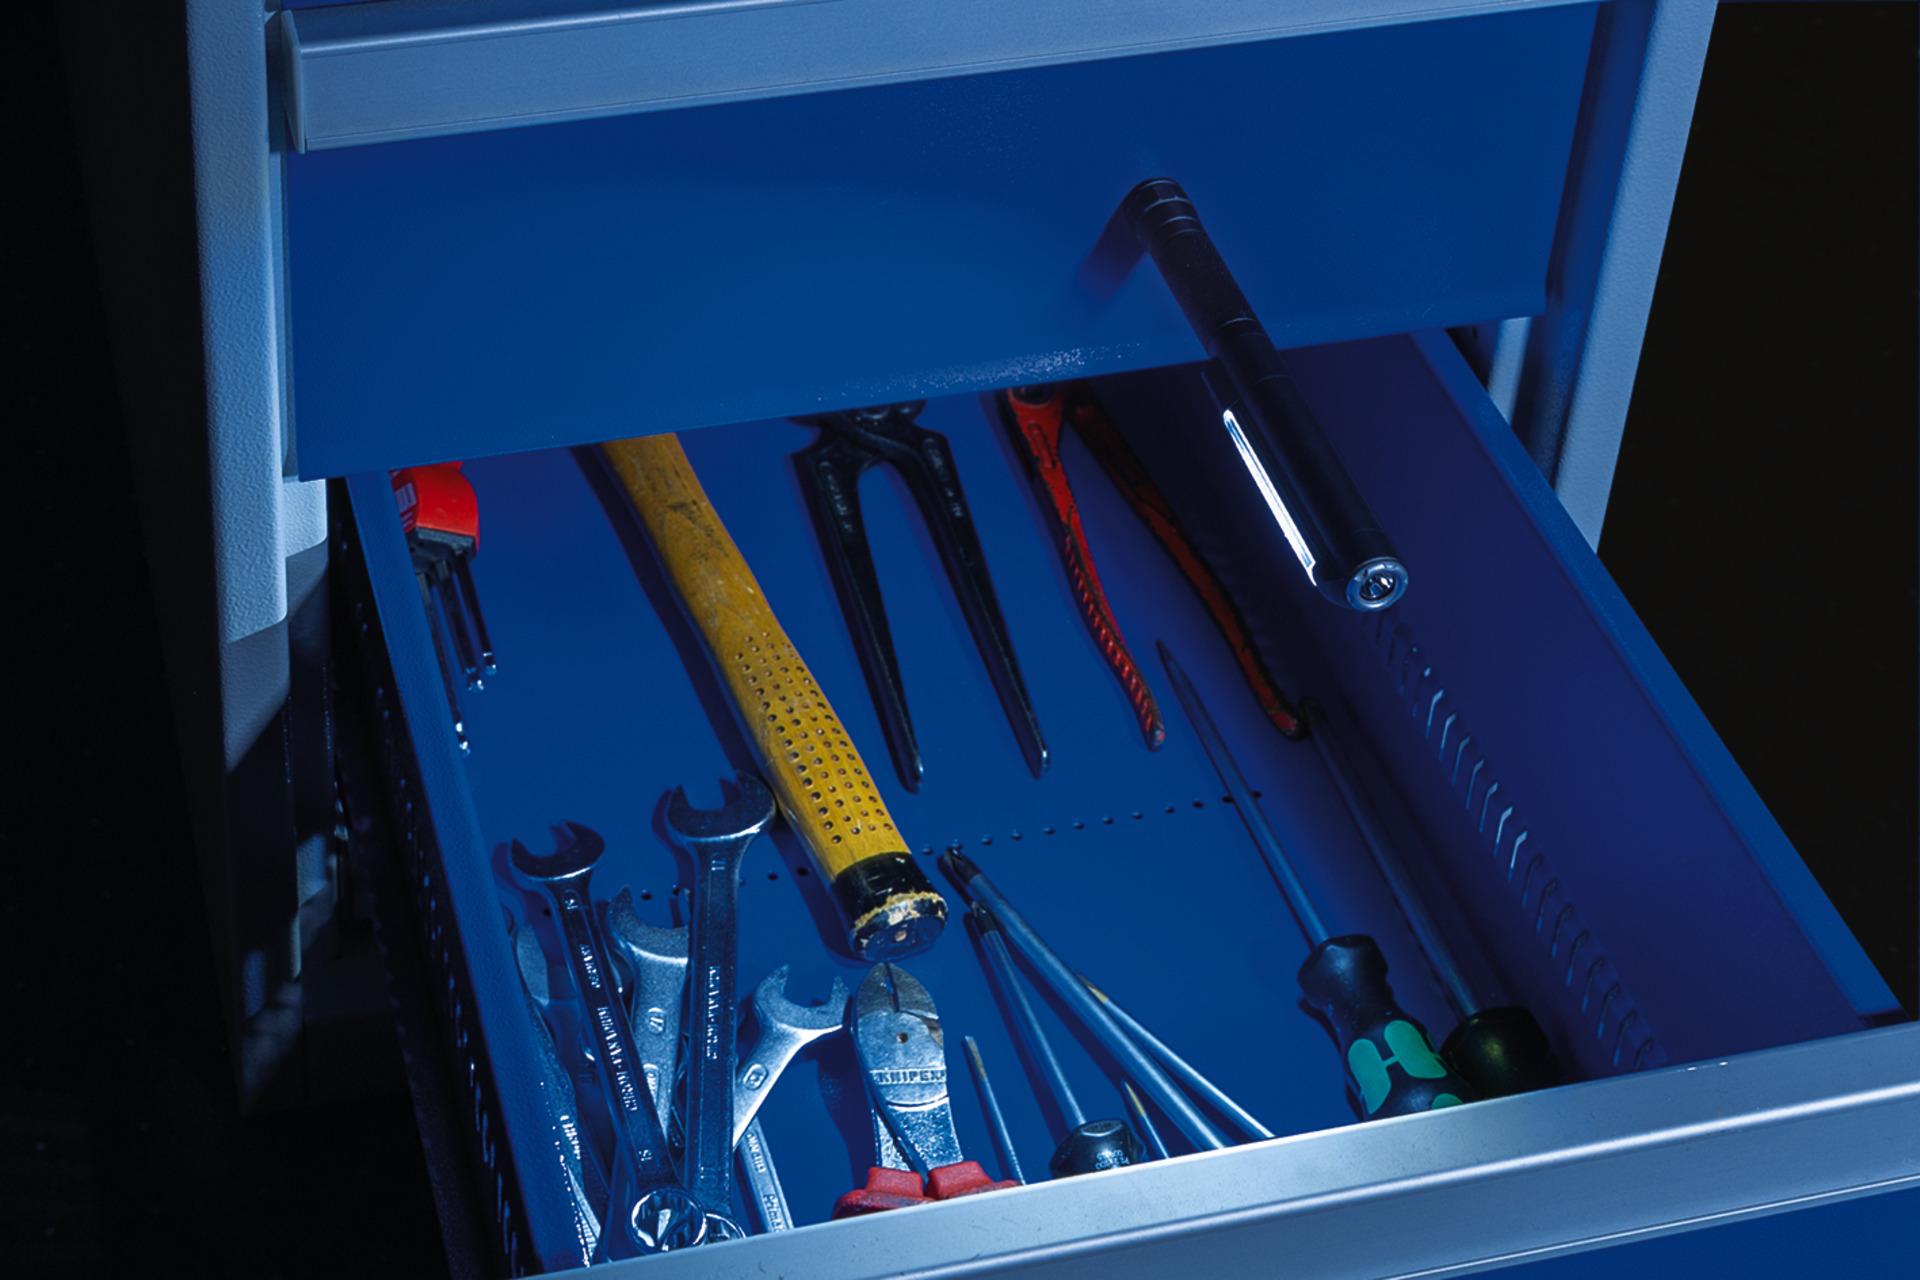 Anwendungsbeispiel - Stiftlampe TL-500 mit Magnetfuß am Werkzeugschrank